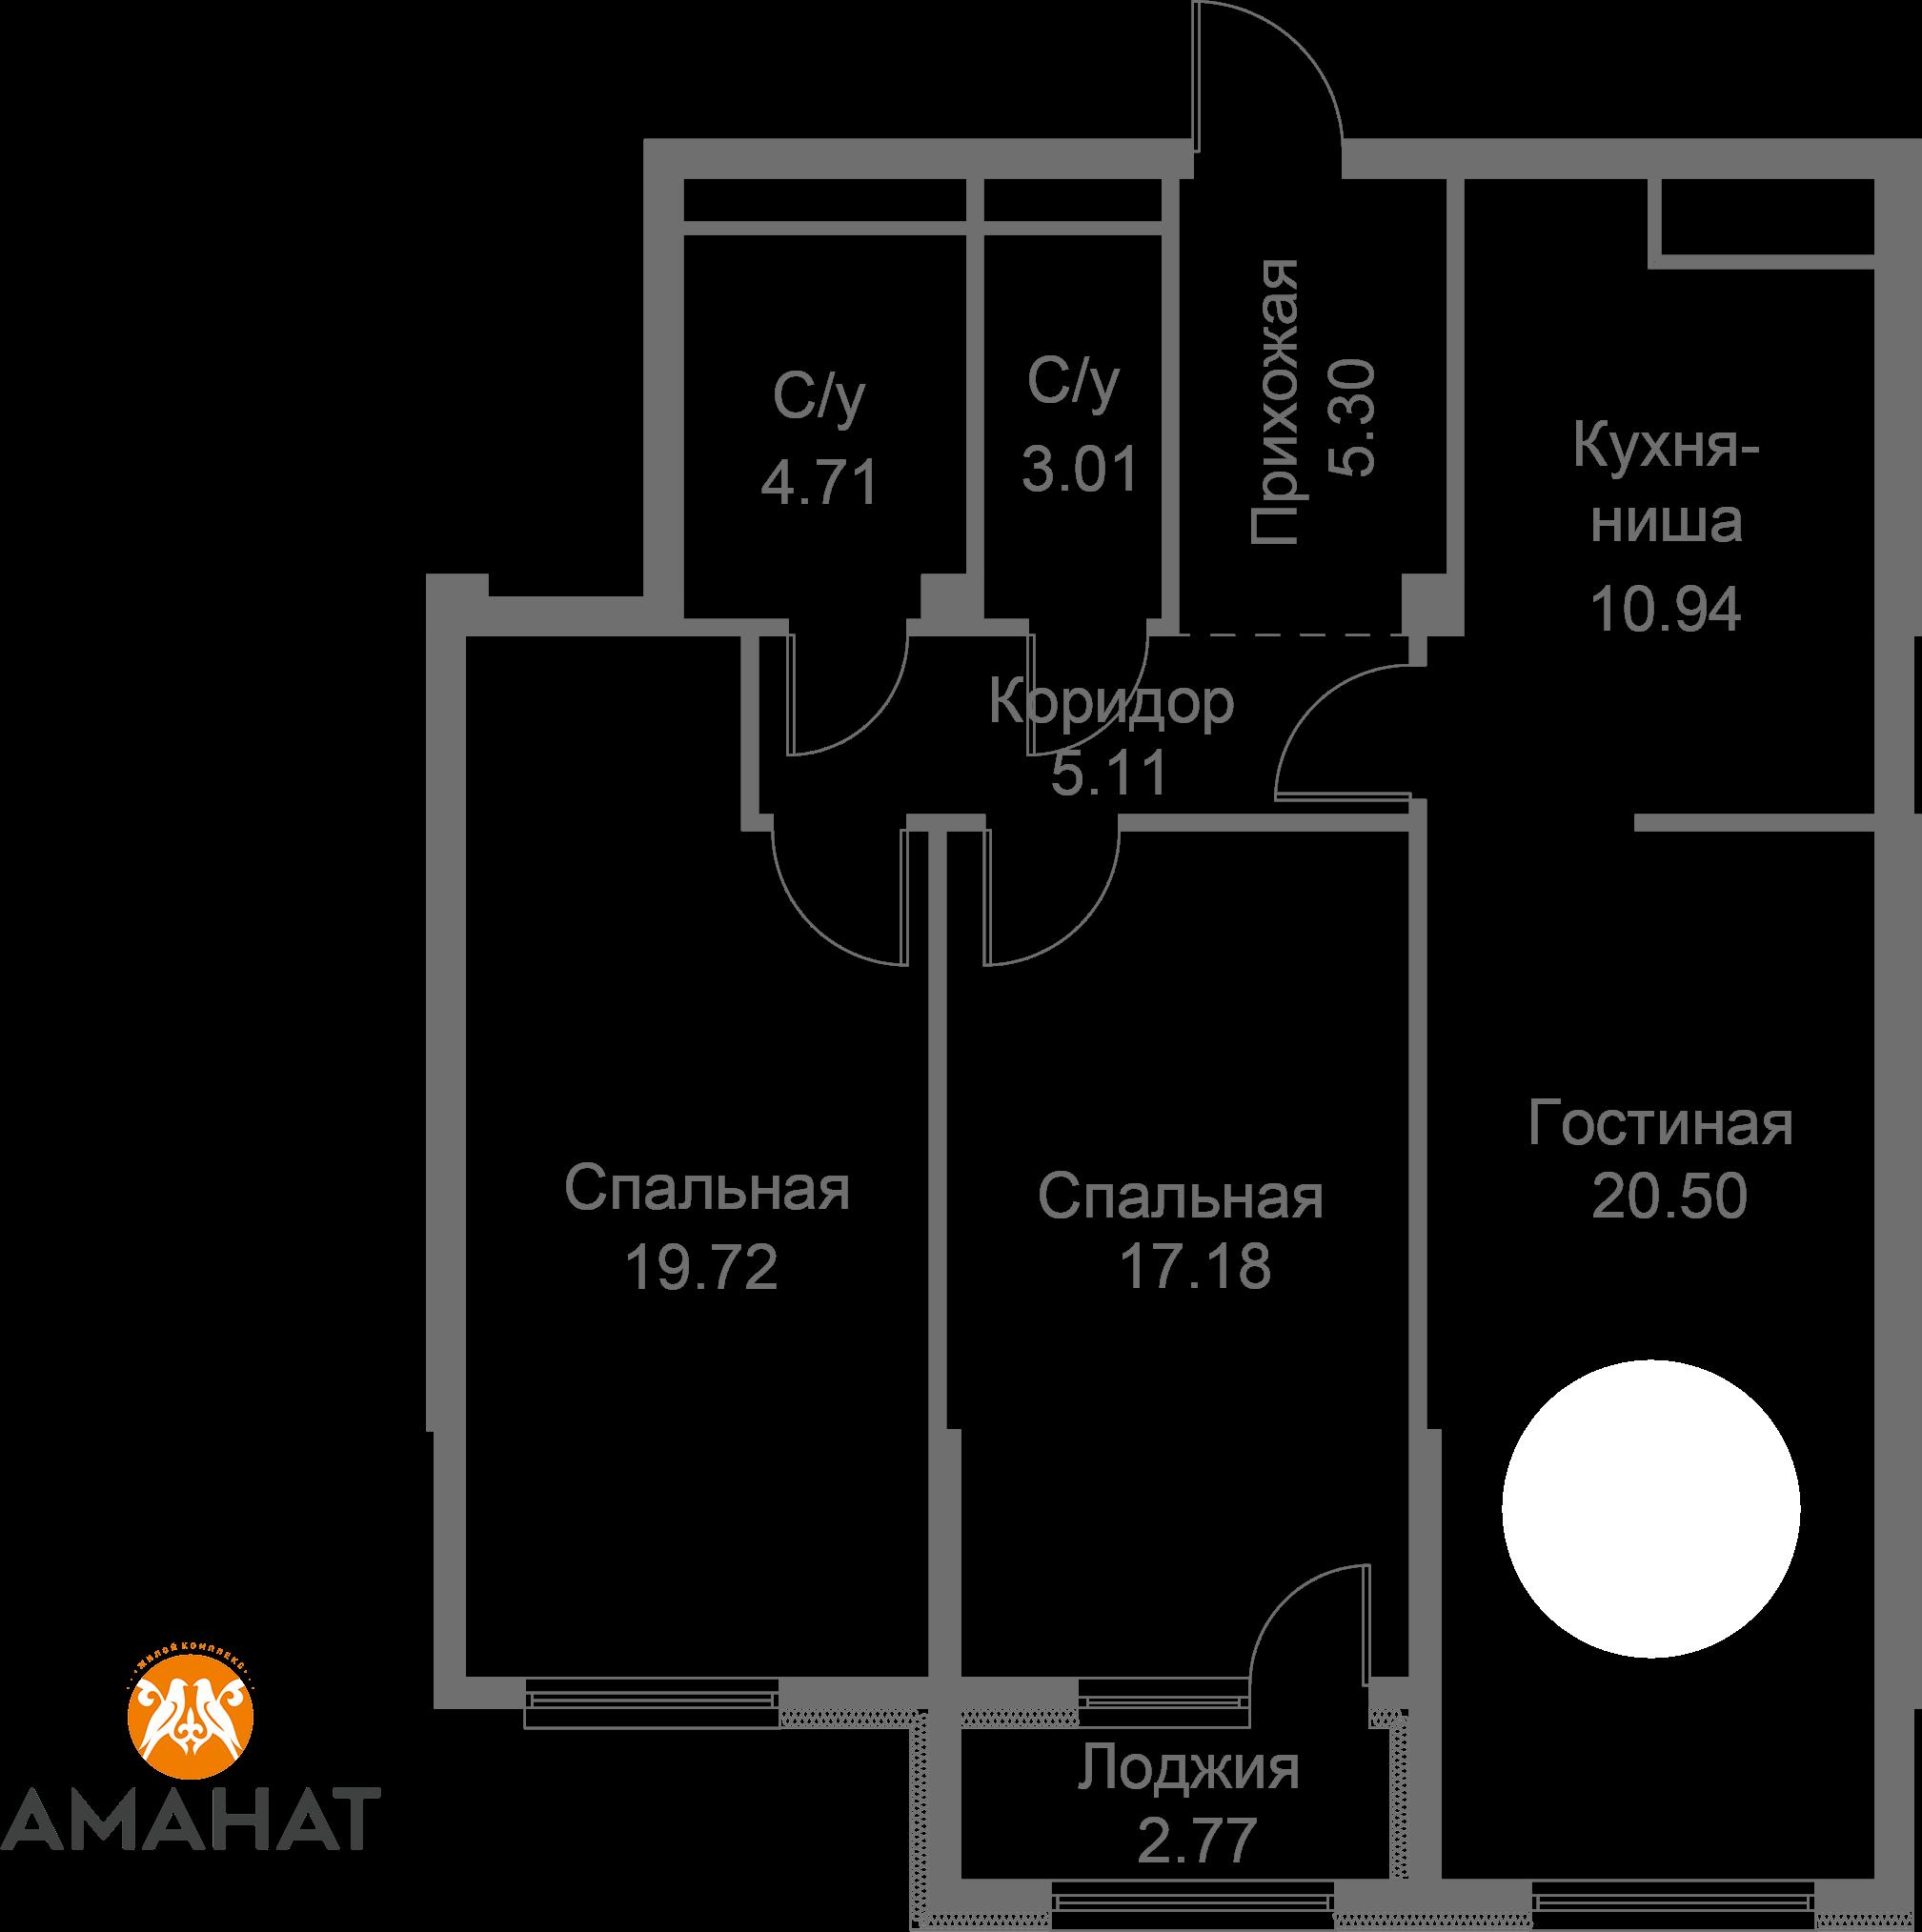 Квартира 399